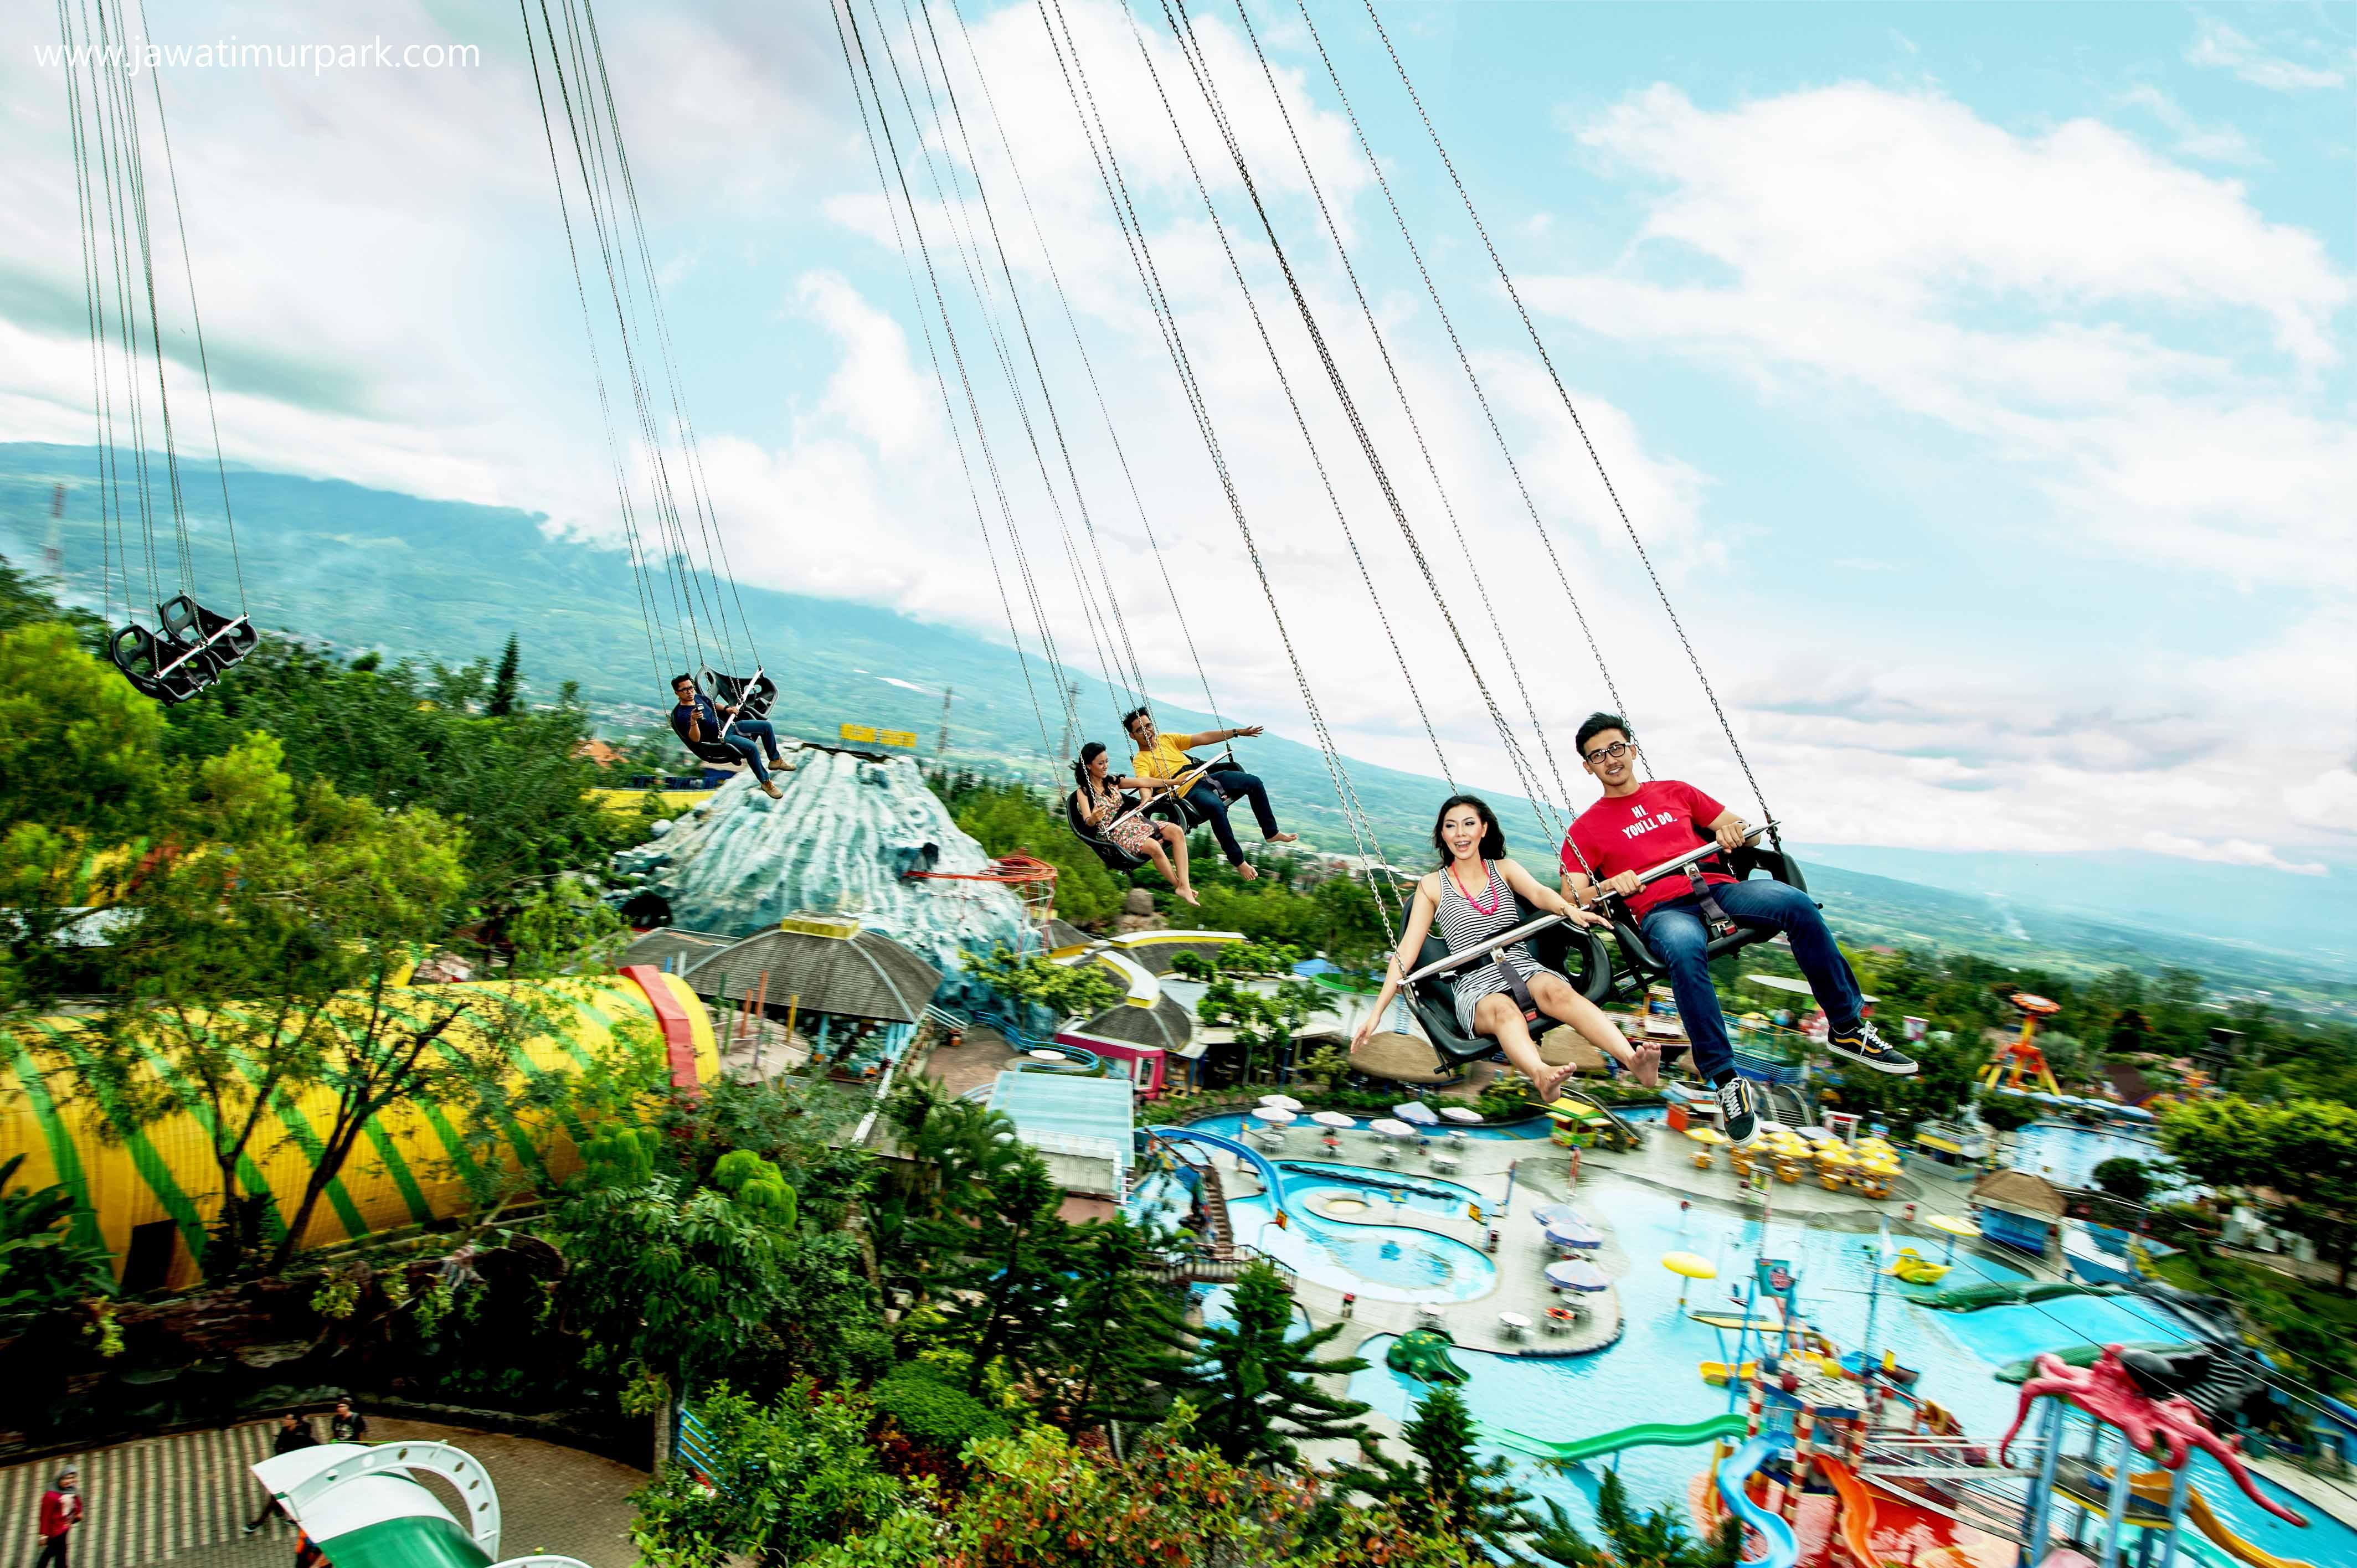 Harga Tiket Masuk Jatim Park 1 Malang Terbaru Mei Juni